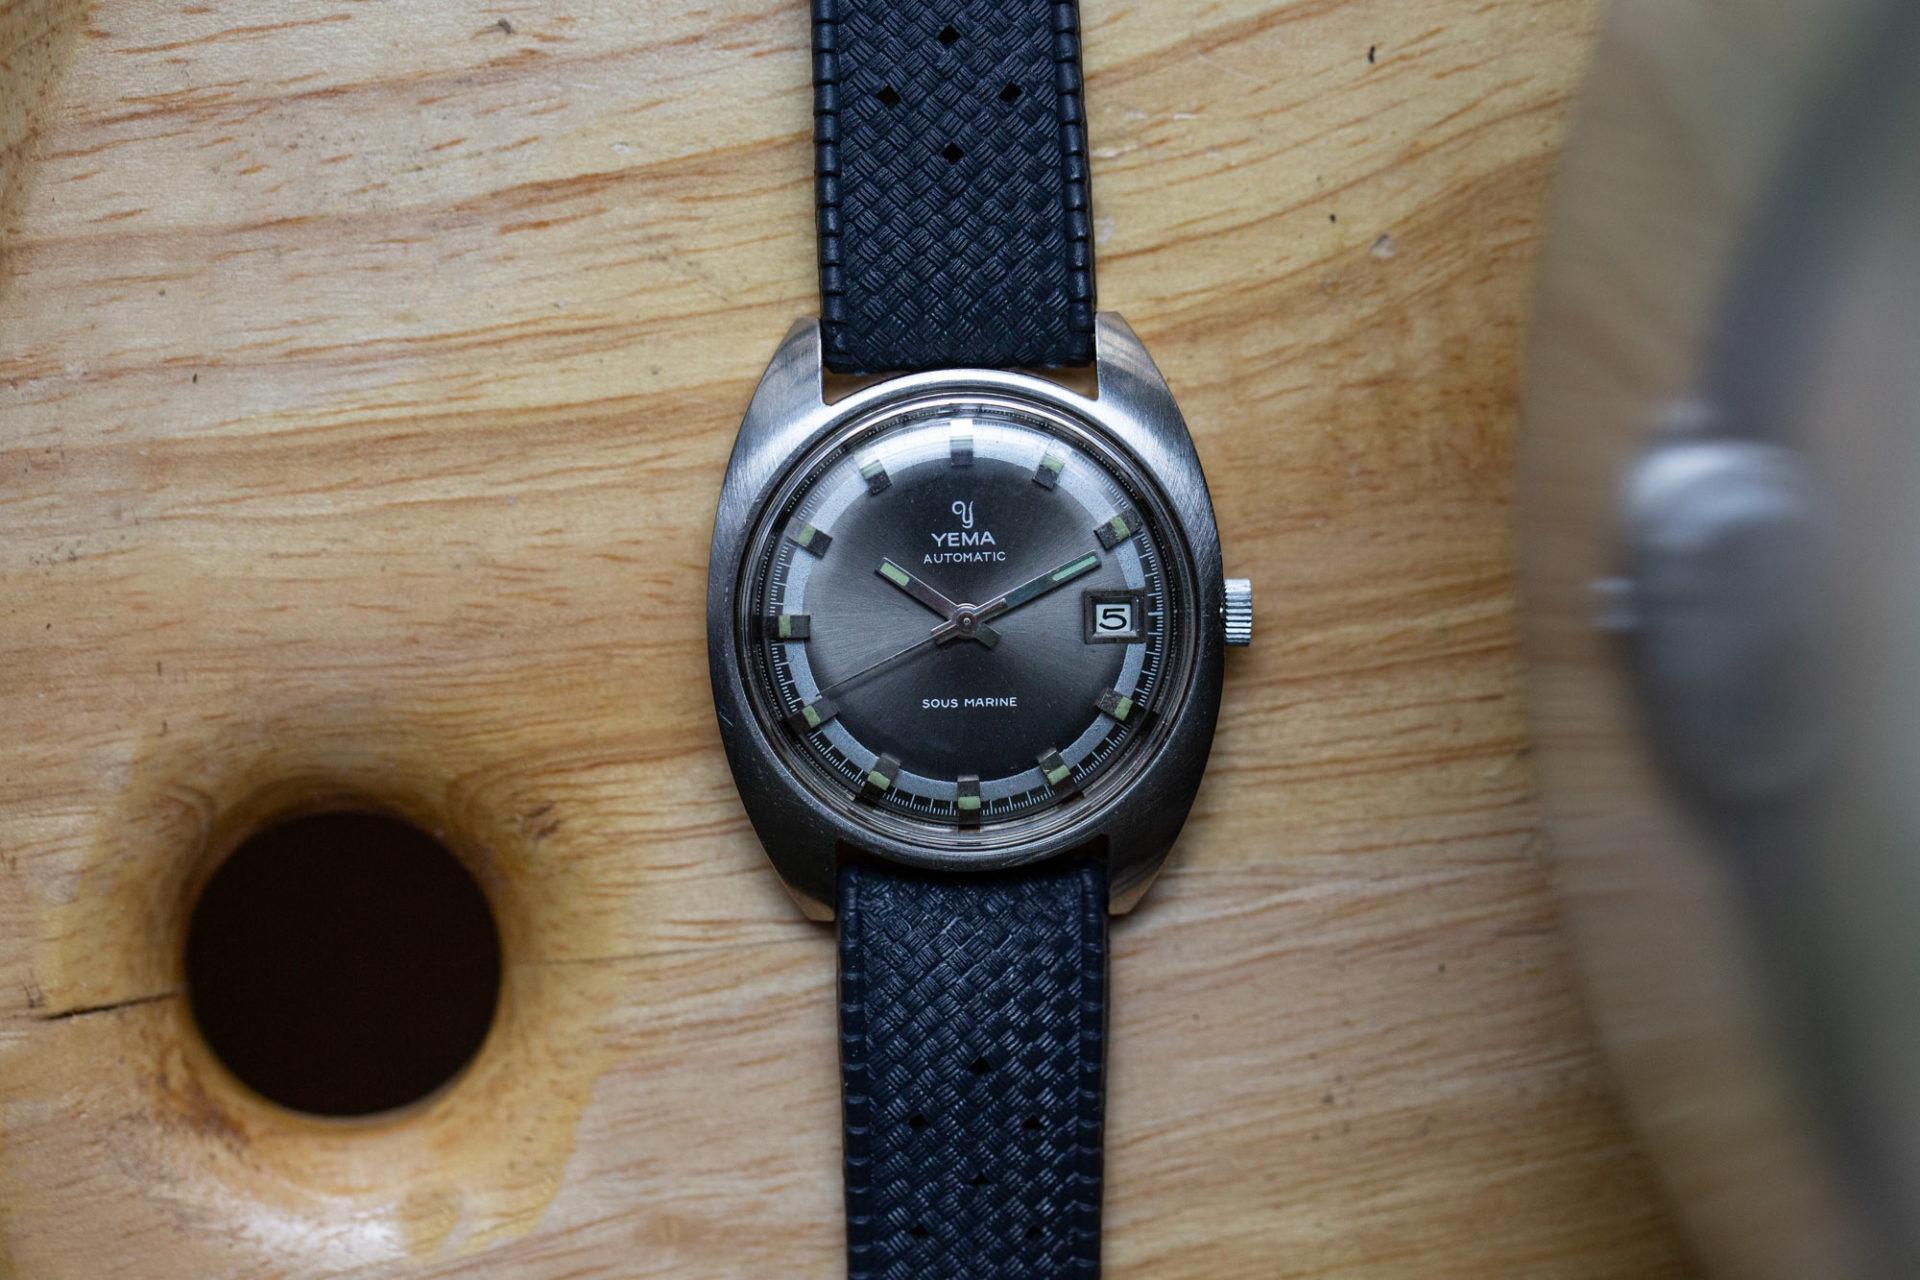 Yema sous-marine - Selection de montres vintage chez Joseph Bonnie